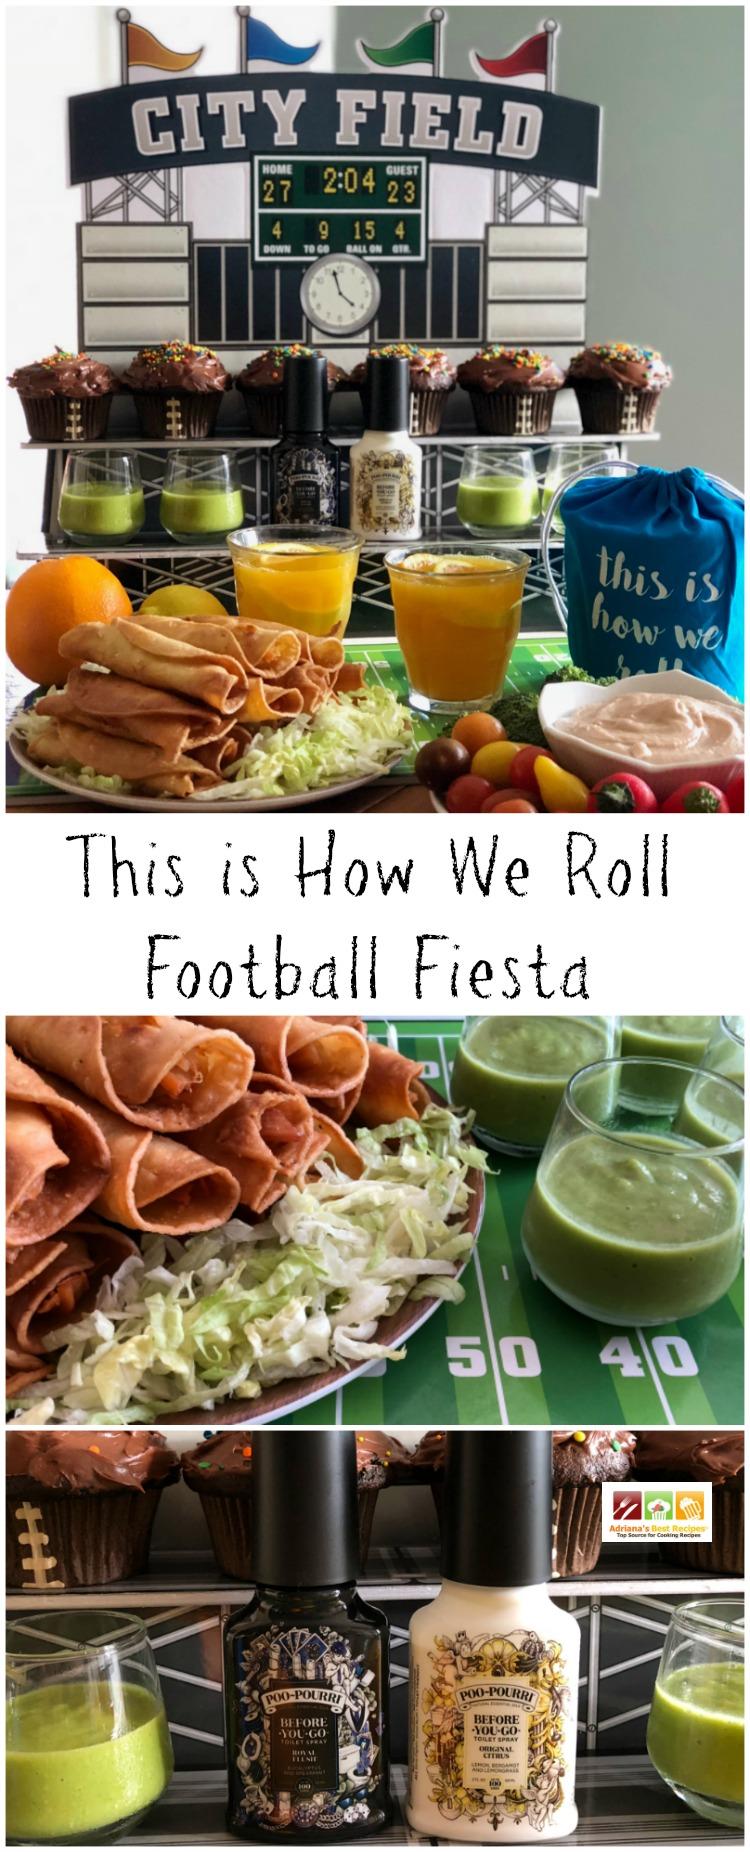 Aprende tips de cómo organizar la gran fiesta del fútbol